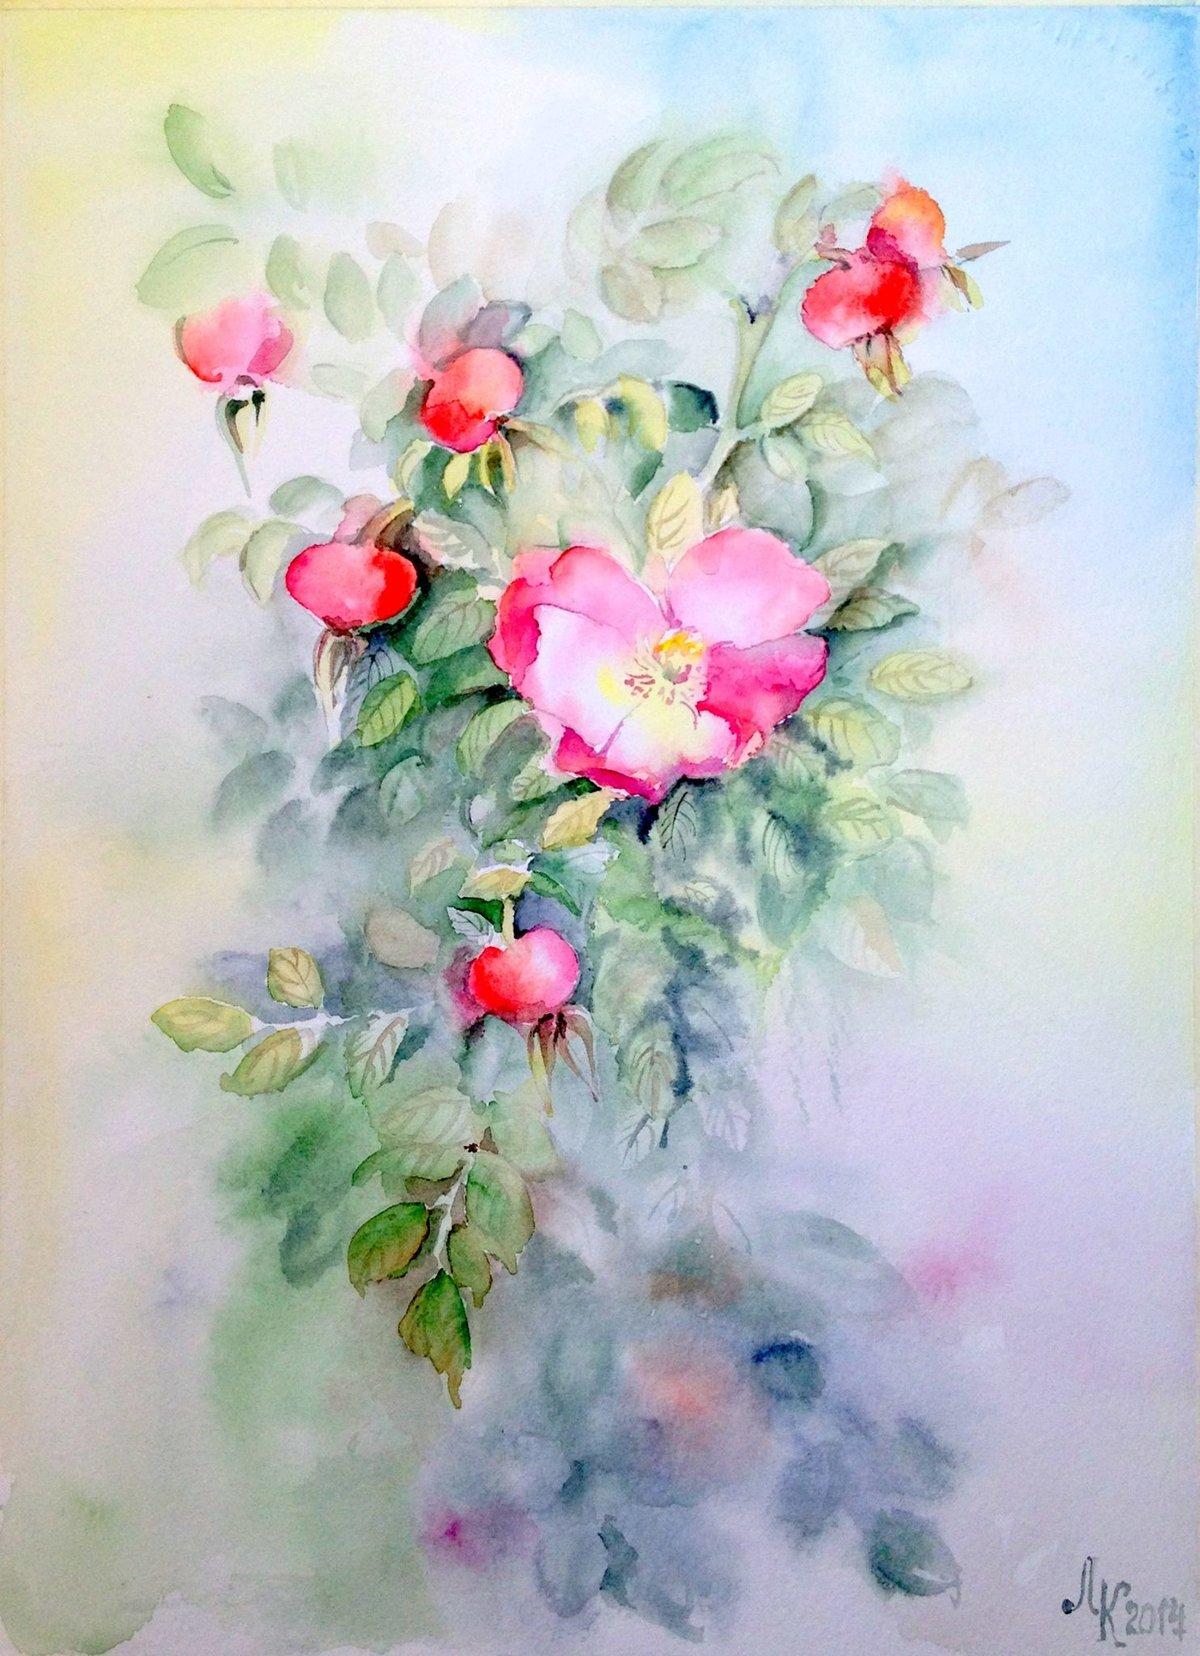 акварельные цветы картинки